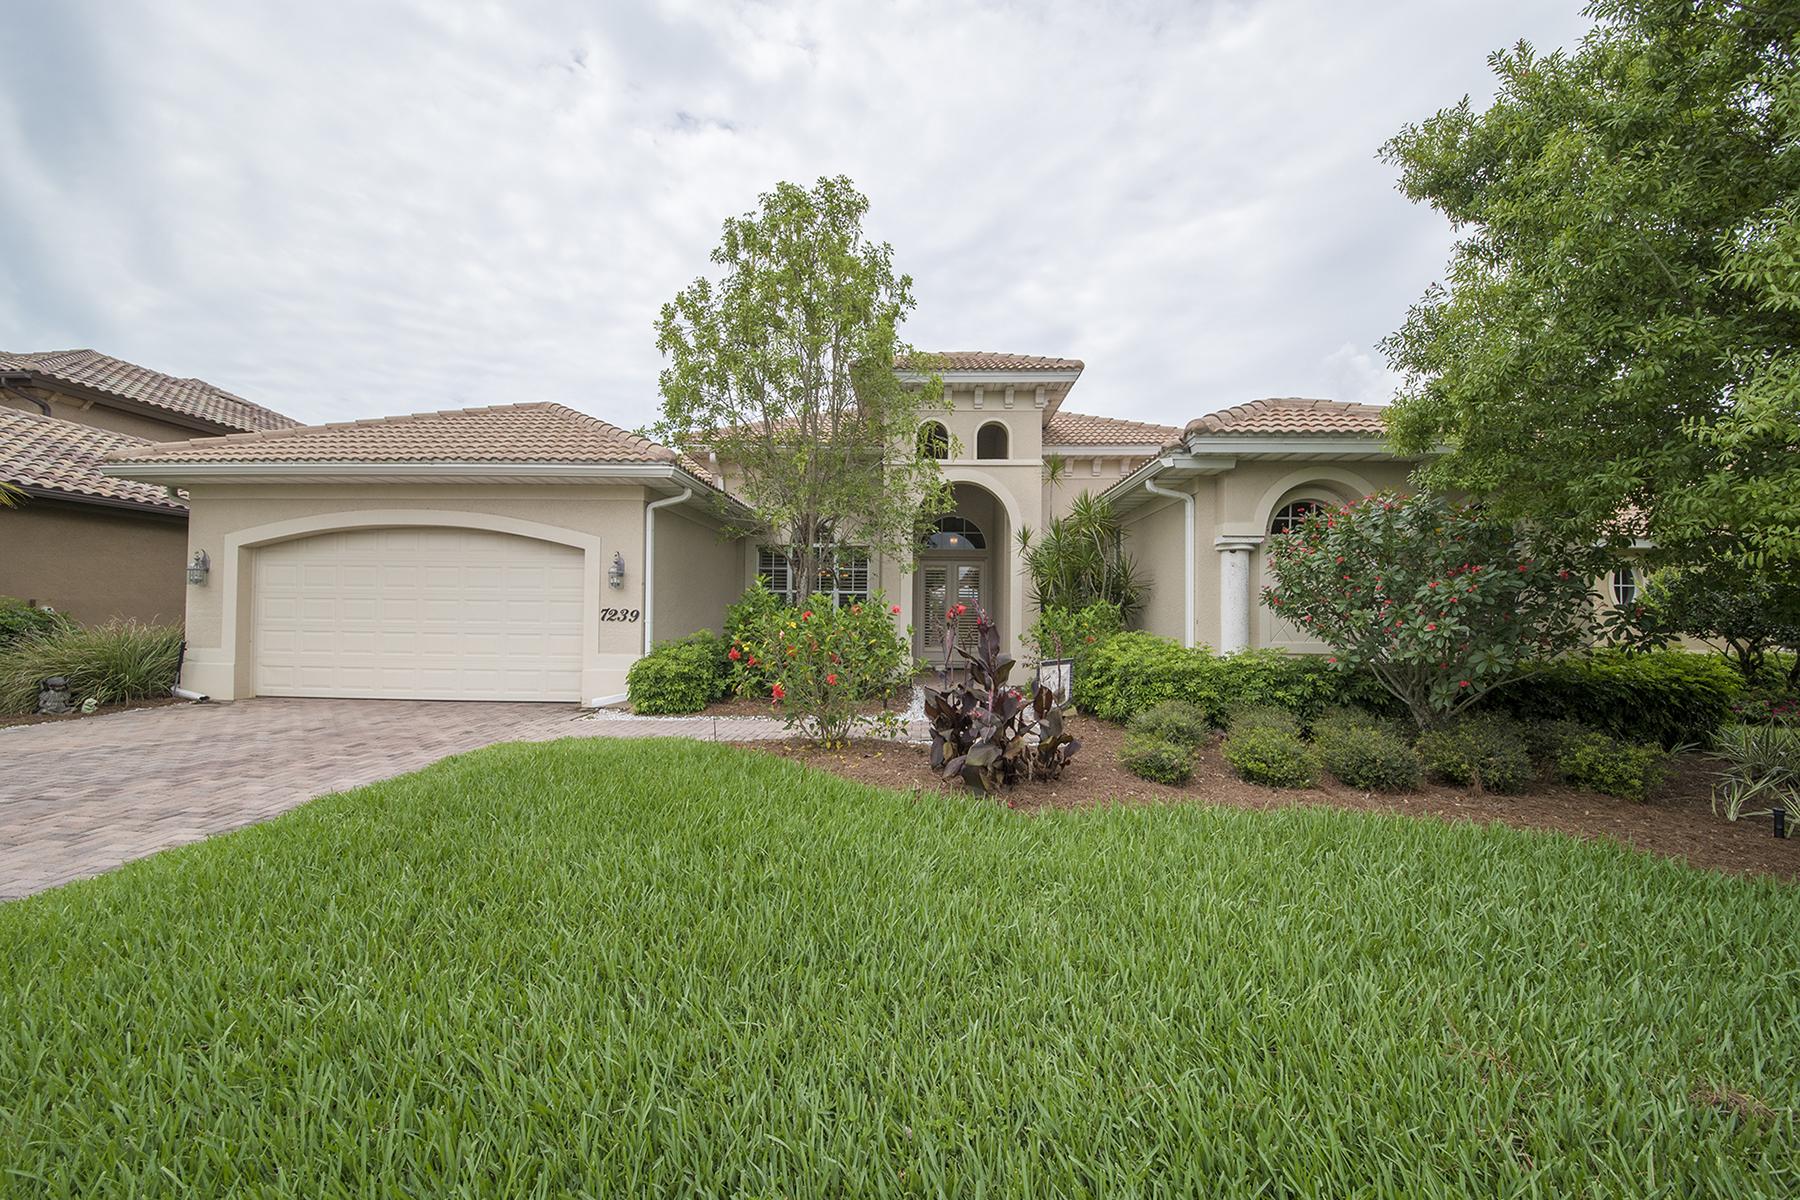 Maison unifamiliale pour l Vente à BLACK BEAR RIDGE 7239 Acorn Way Naples, Florida 34119 États-Unis